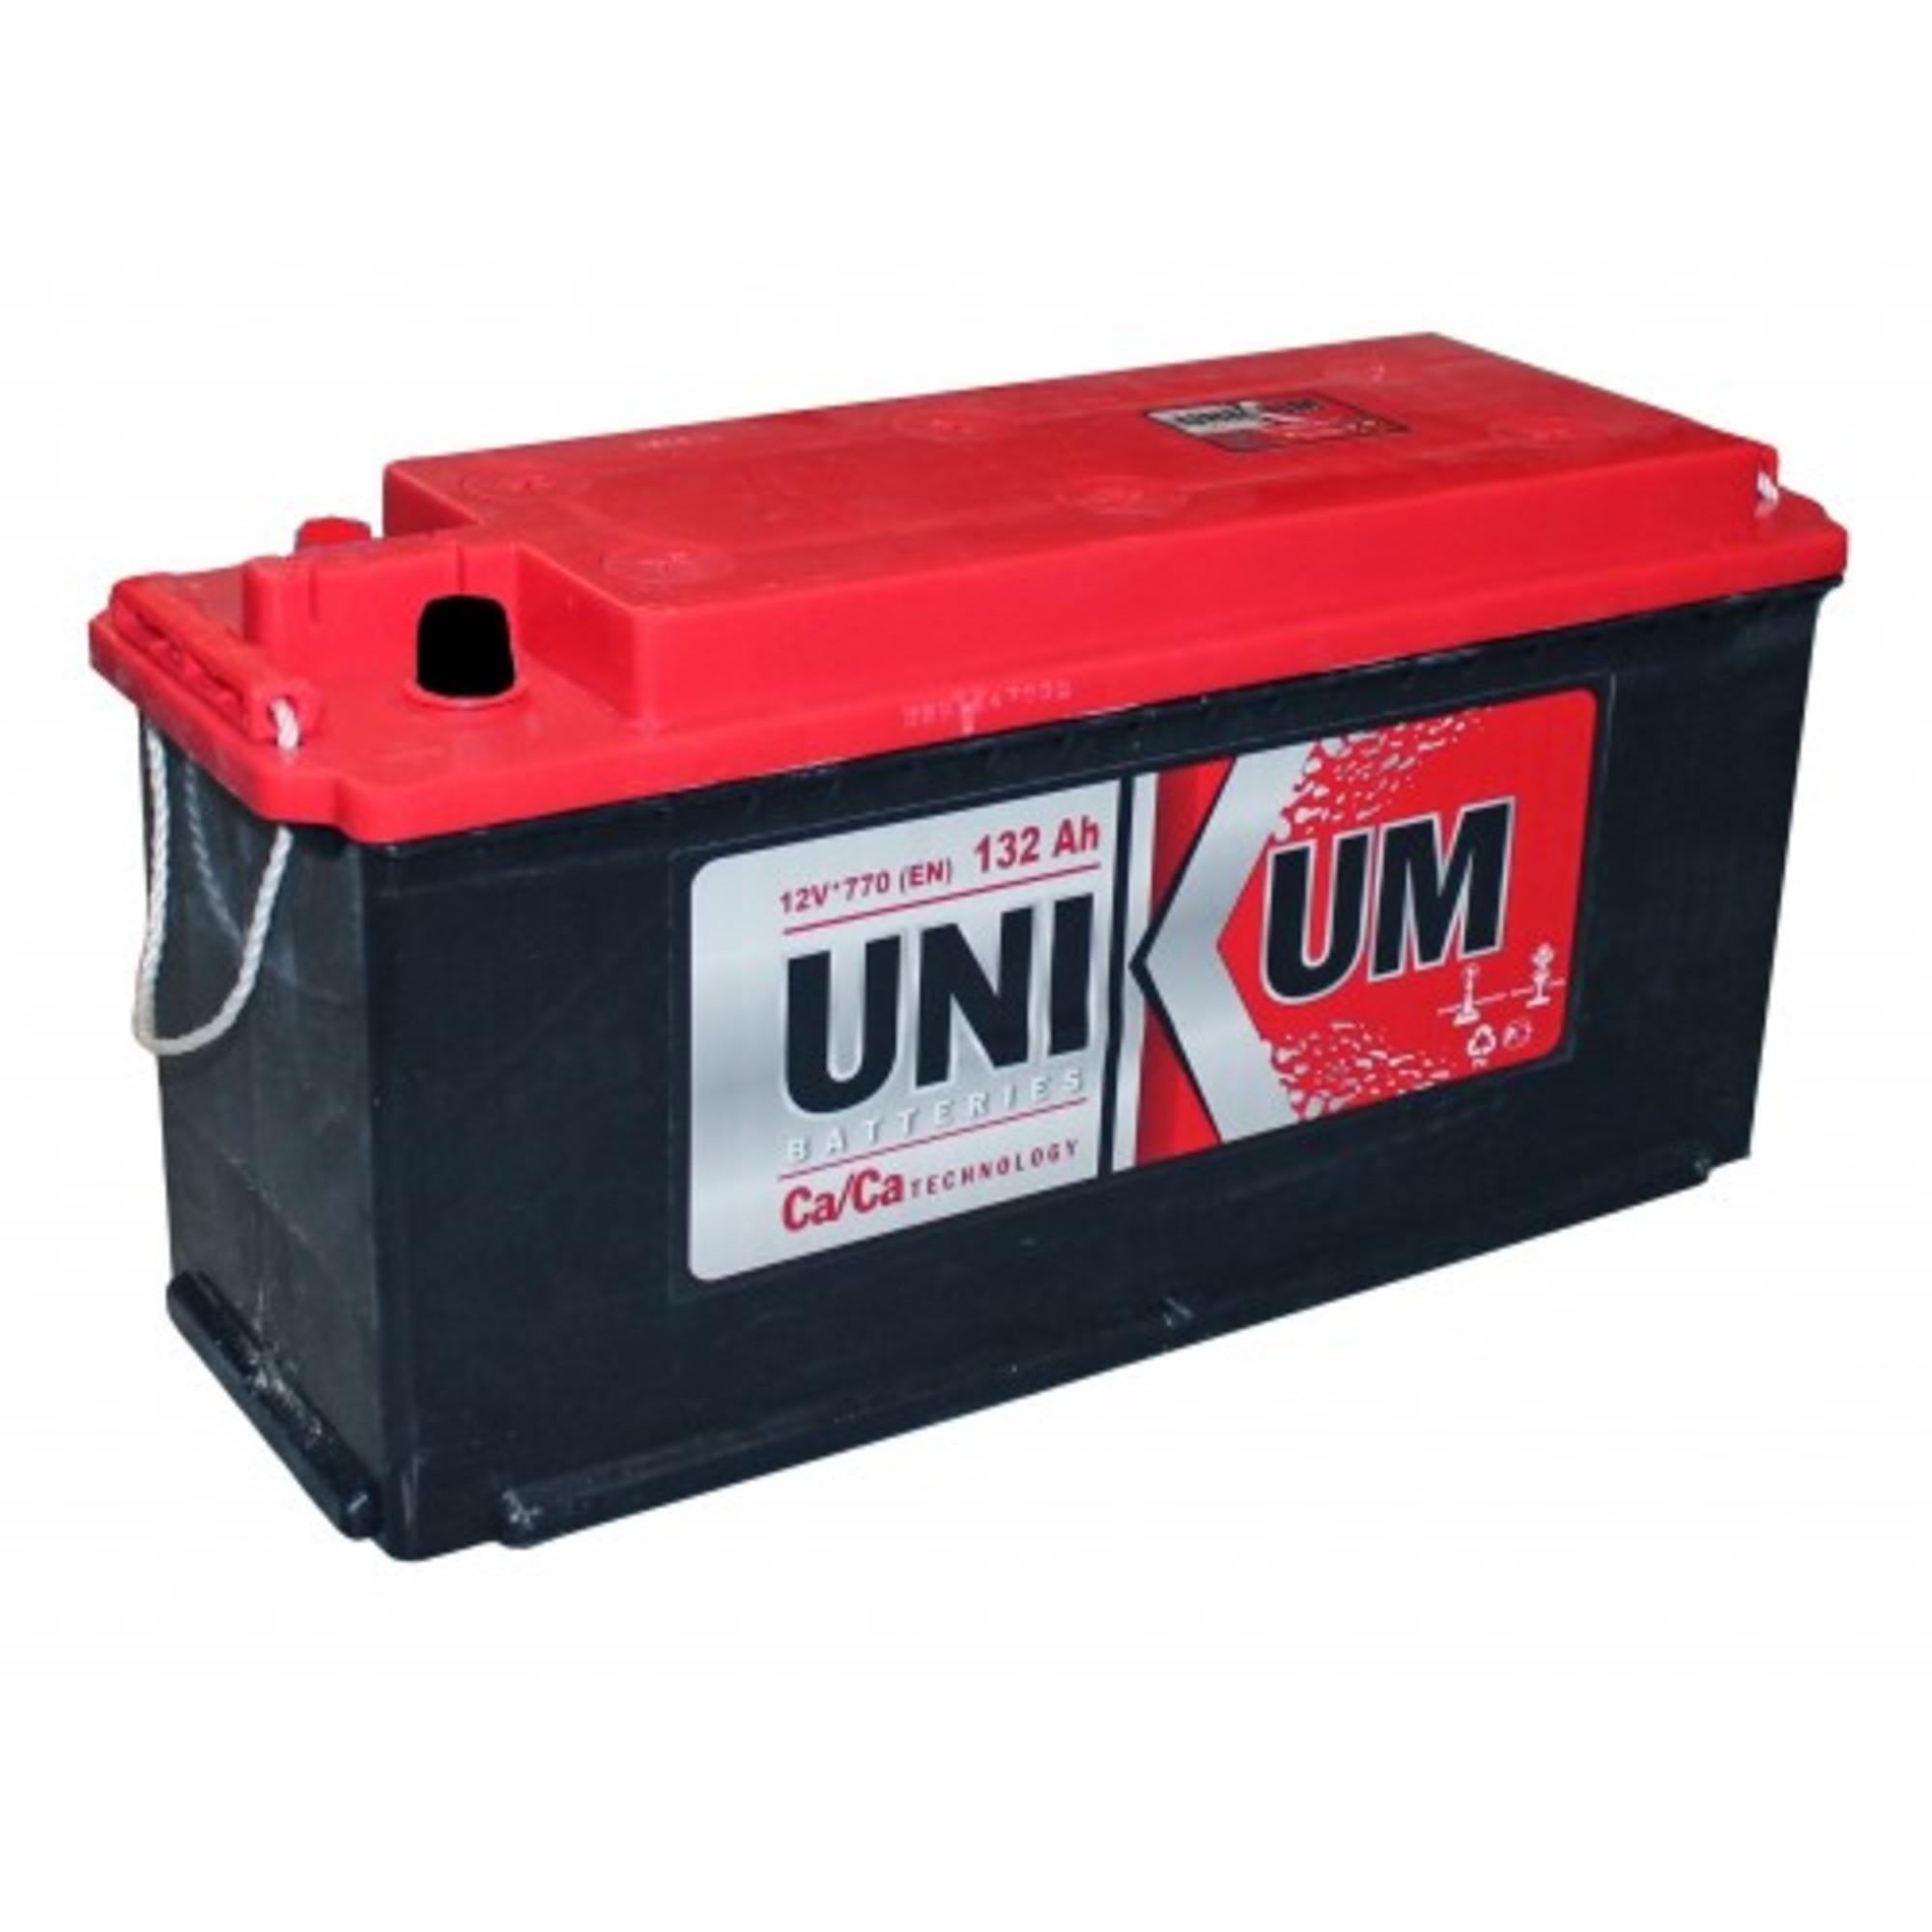 Аккумулятор Кайнар UNIKUM 132 п.п. конус